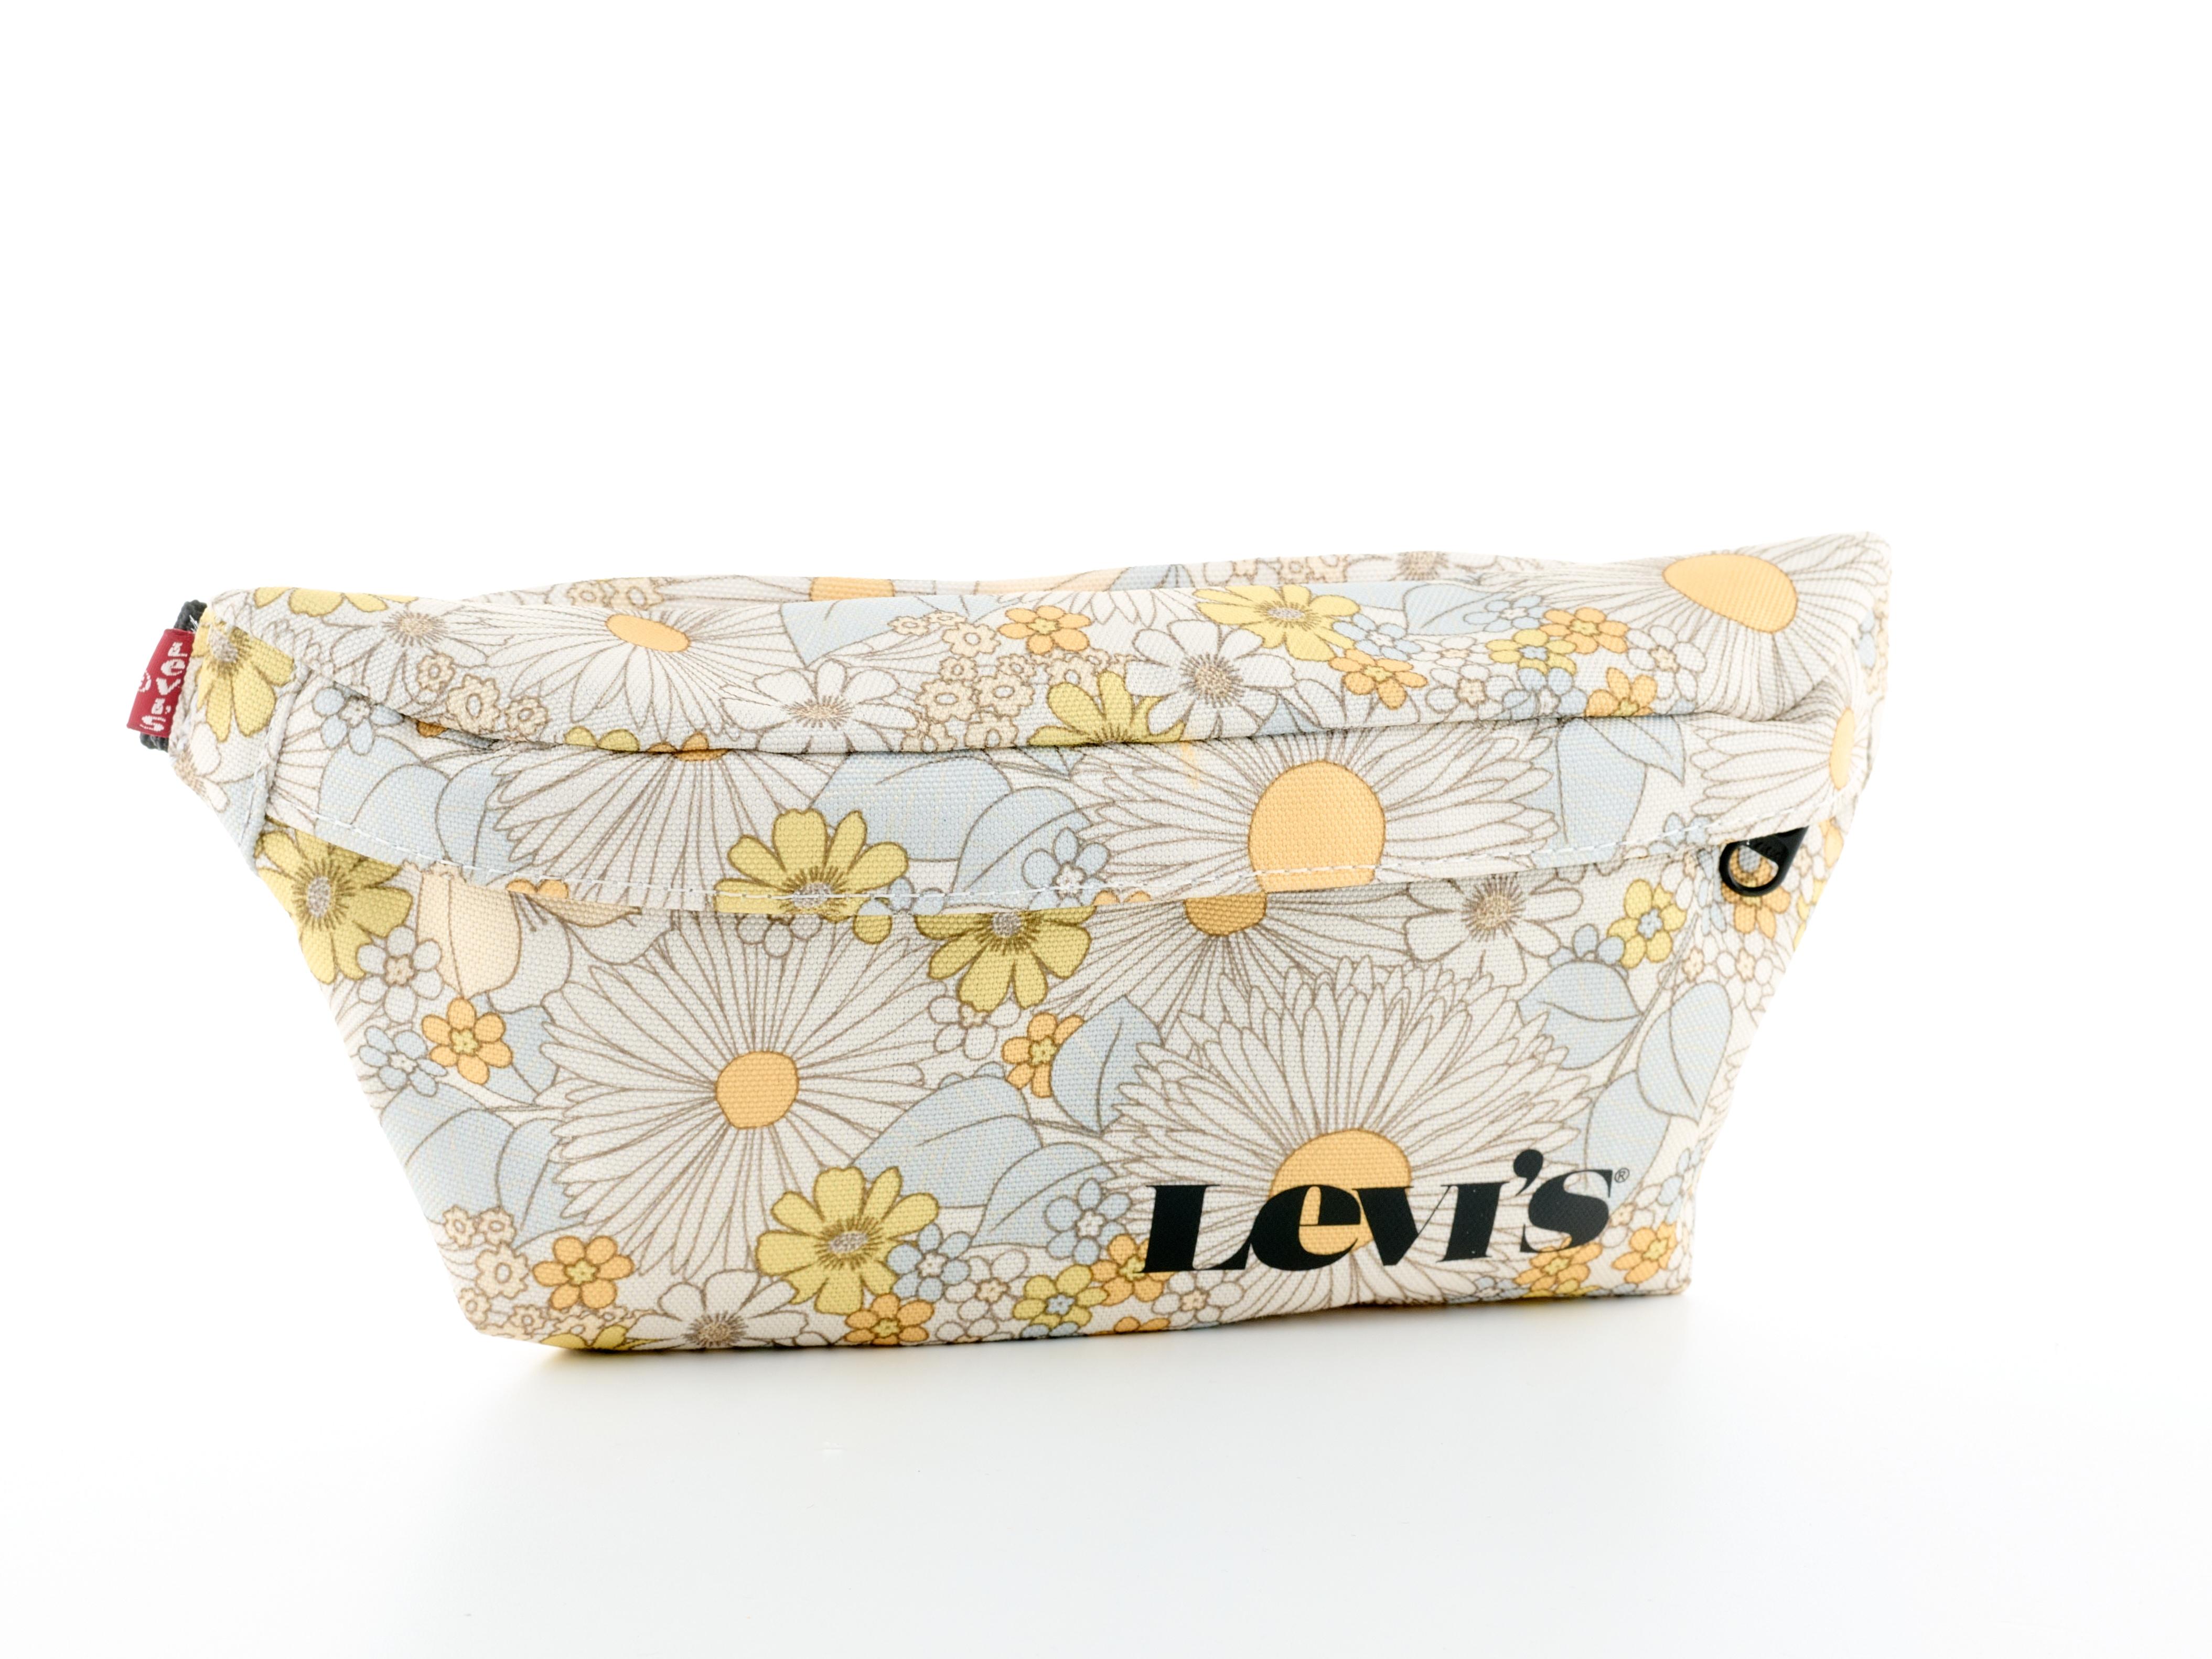 levis - Levi's Bauchtasche Women's Small Banana Sling - Vintage Modern Logo, mit Blumenmuster